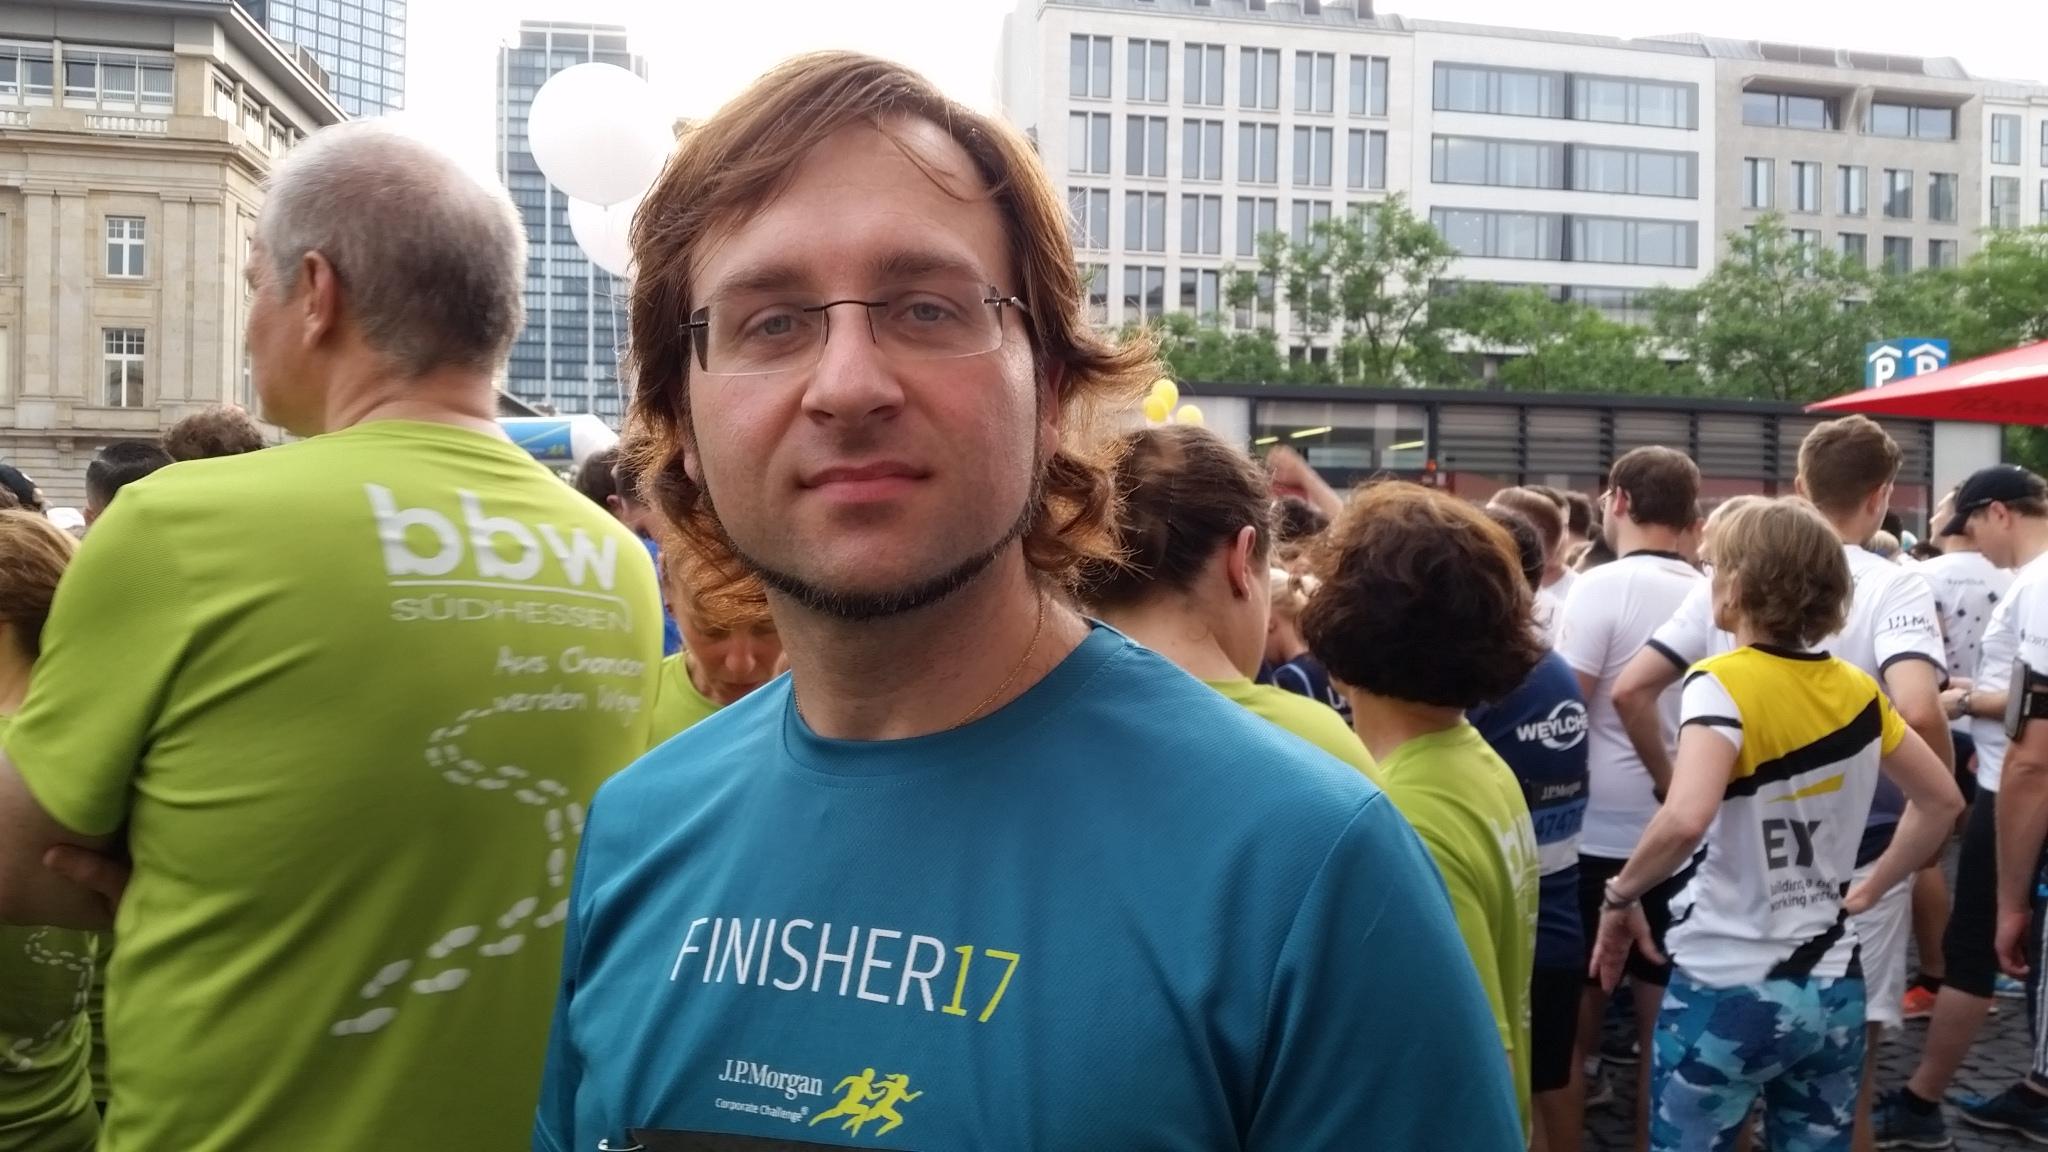 Vor dem Start der JPMCC 2018: Christopher Köbel im Finisher-Shirt des Vorjahres.